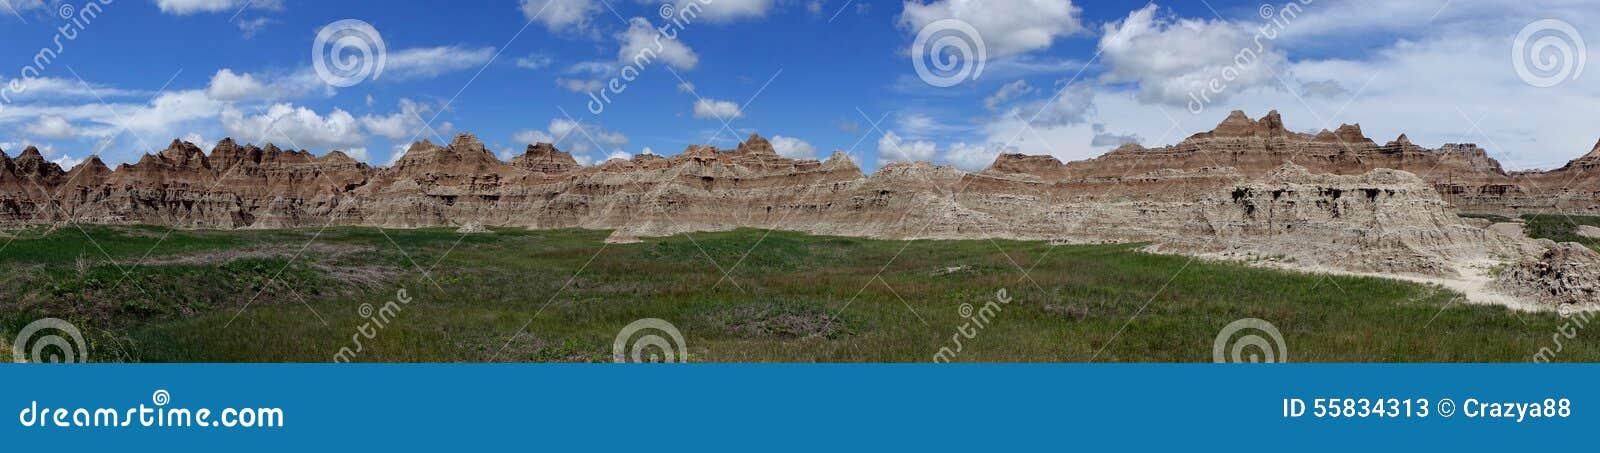 Pared, parque nacional de los Badlands, SD